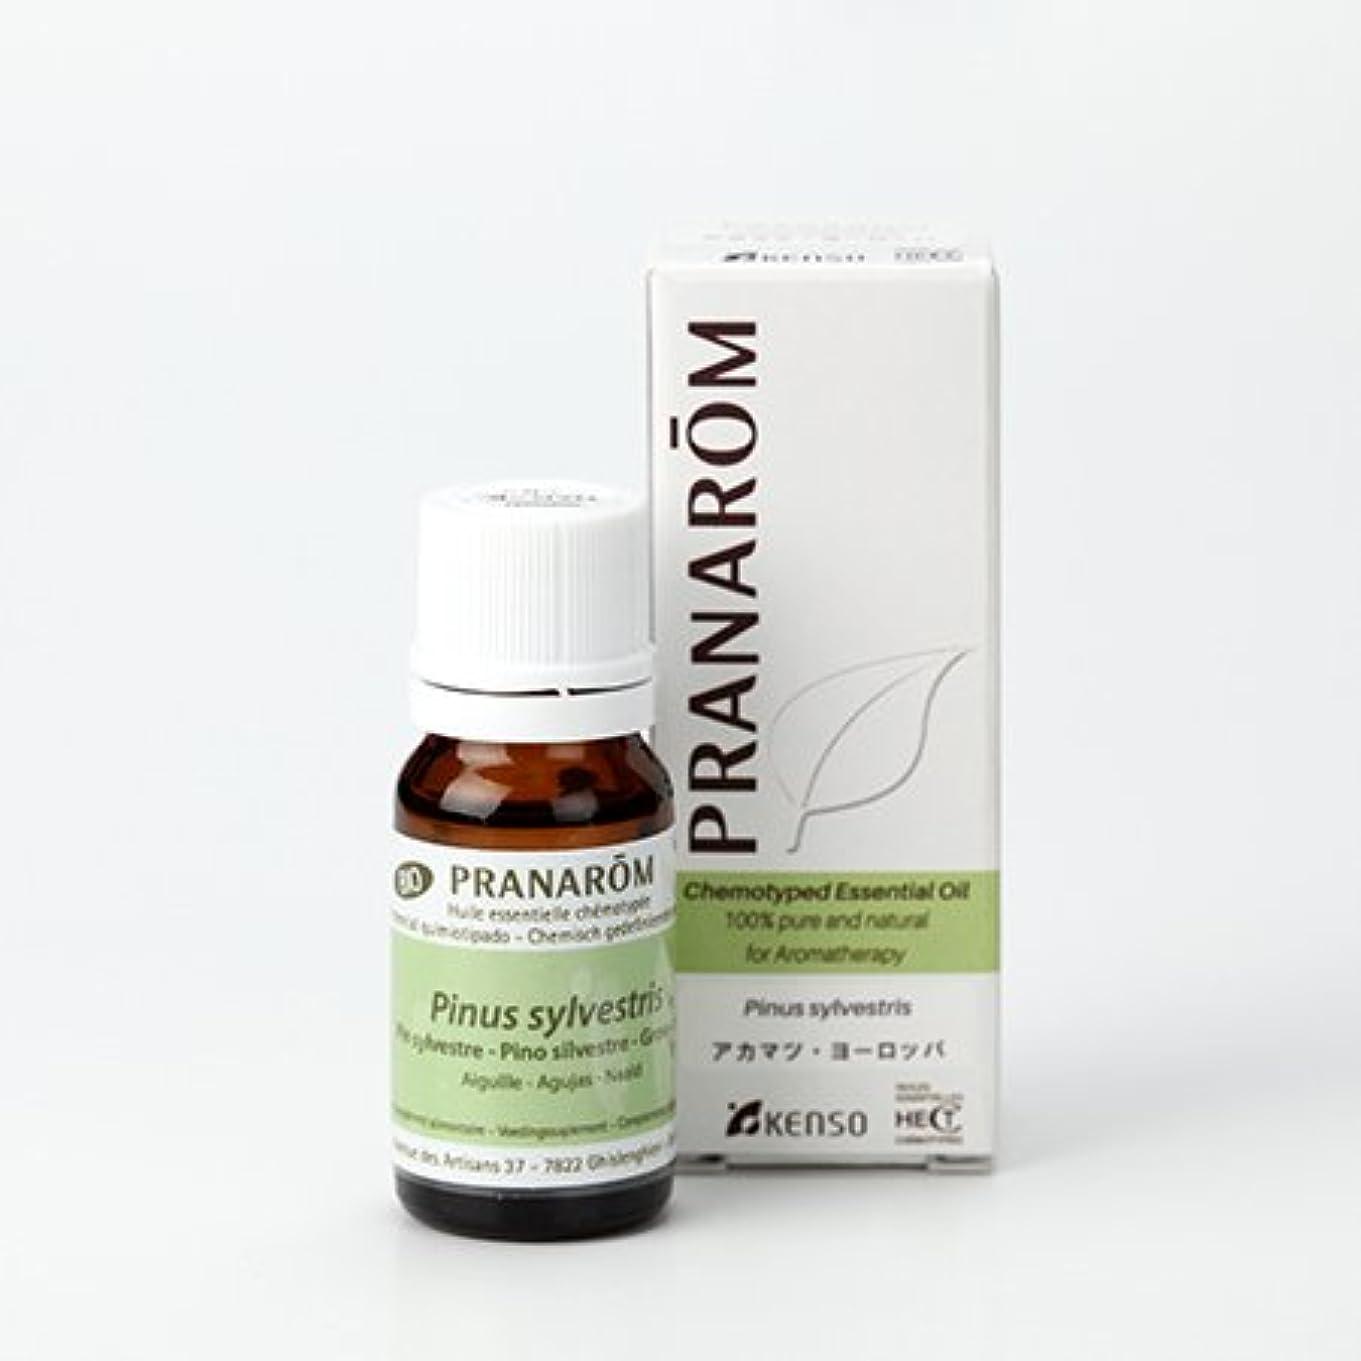 絵可能にするせがむプラナロム ( PRANAROM ) 精油 アカマツ?ヨーロッパ 10ml p-152 アカマツヨーロッパ